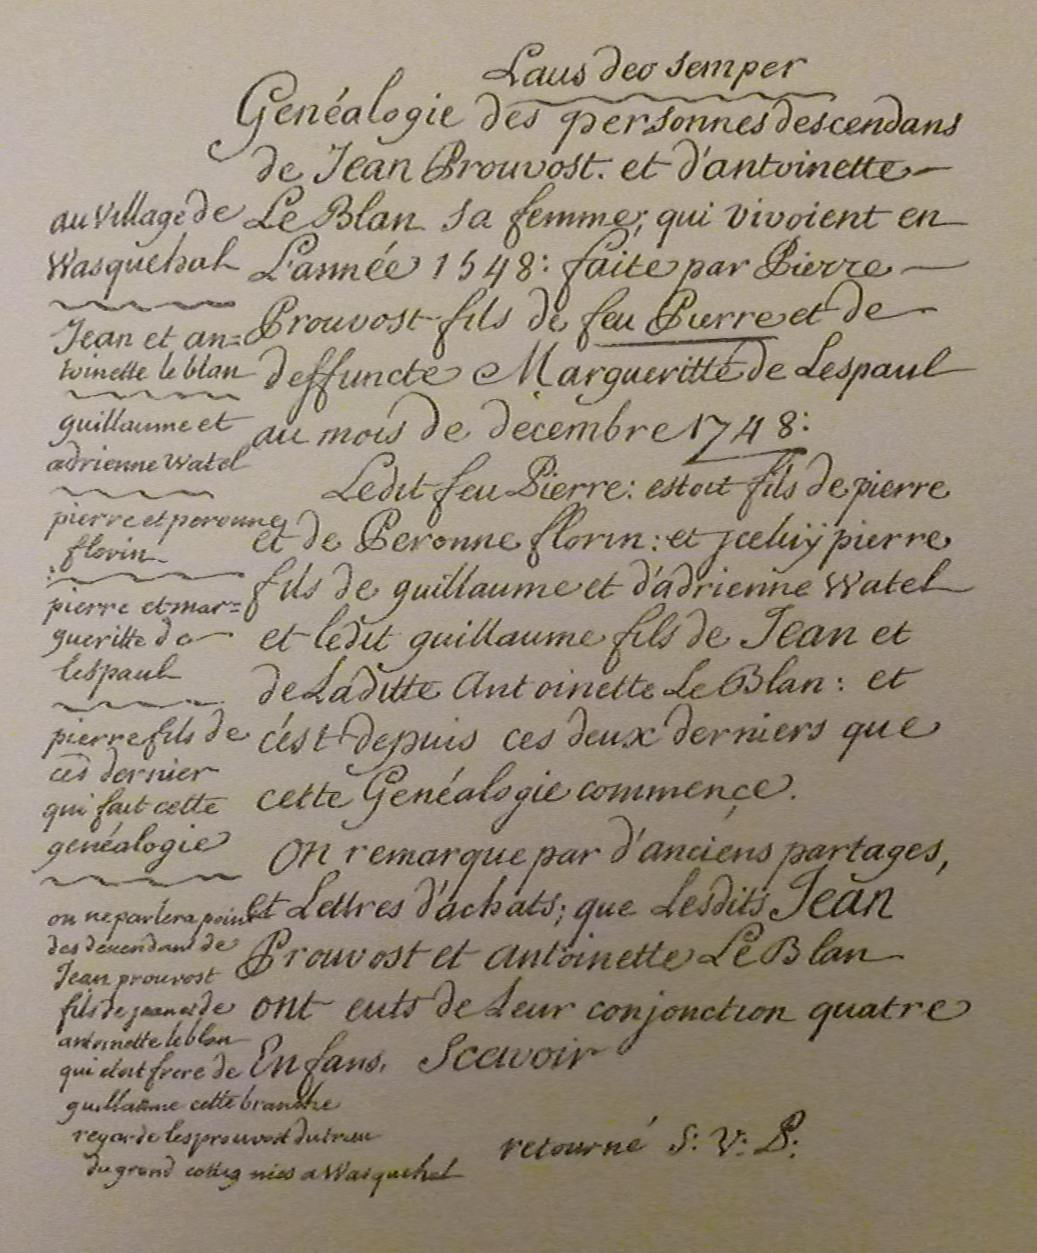 Genealogie-Pierre-Prouvost-Laus-Deo-Semper-1748